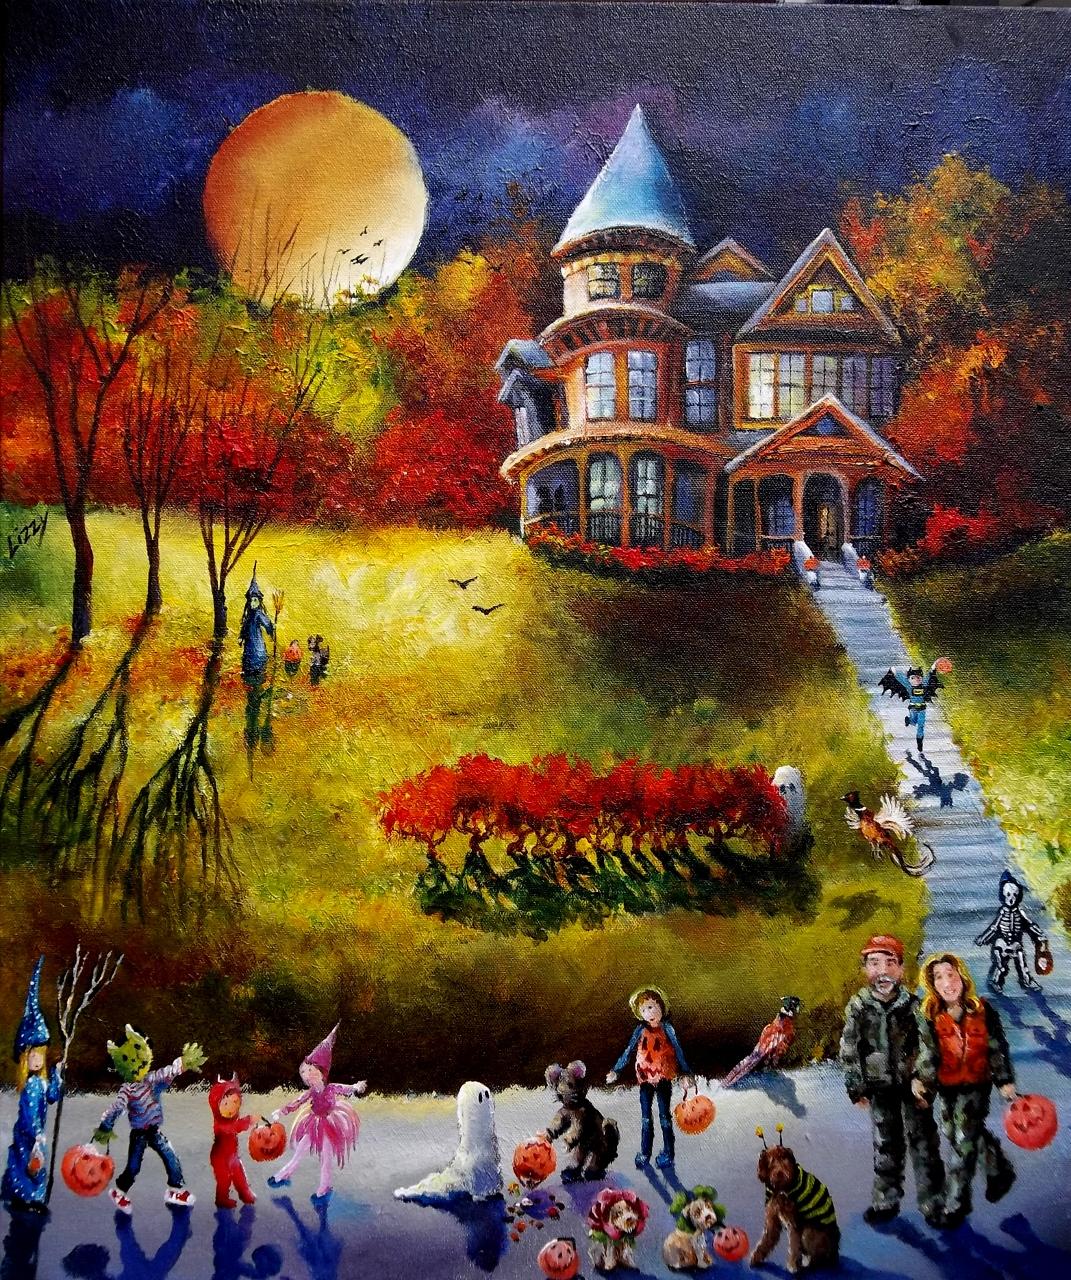 Tranh sơn dầu đêm halloween